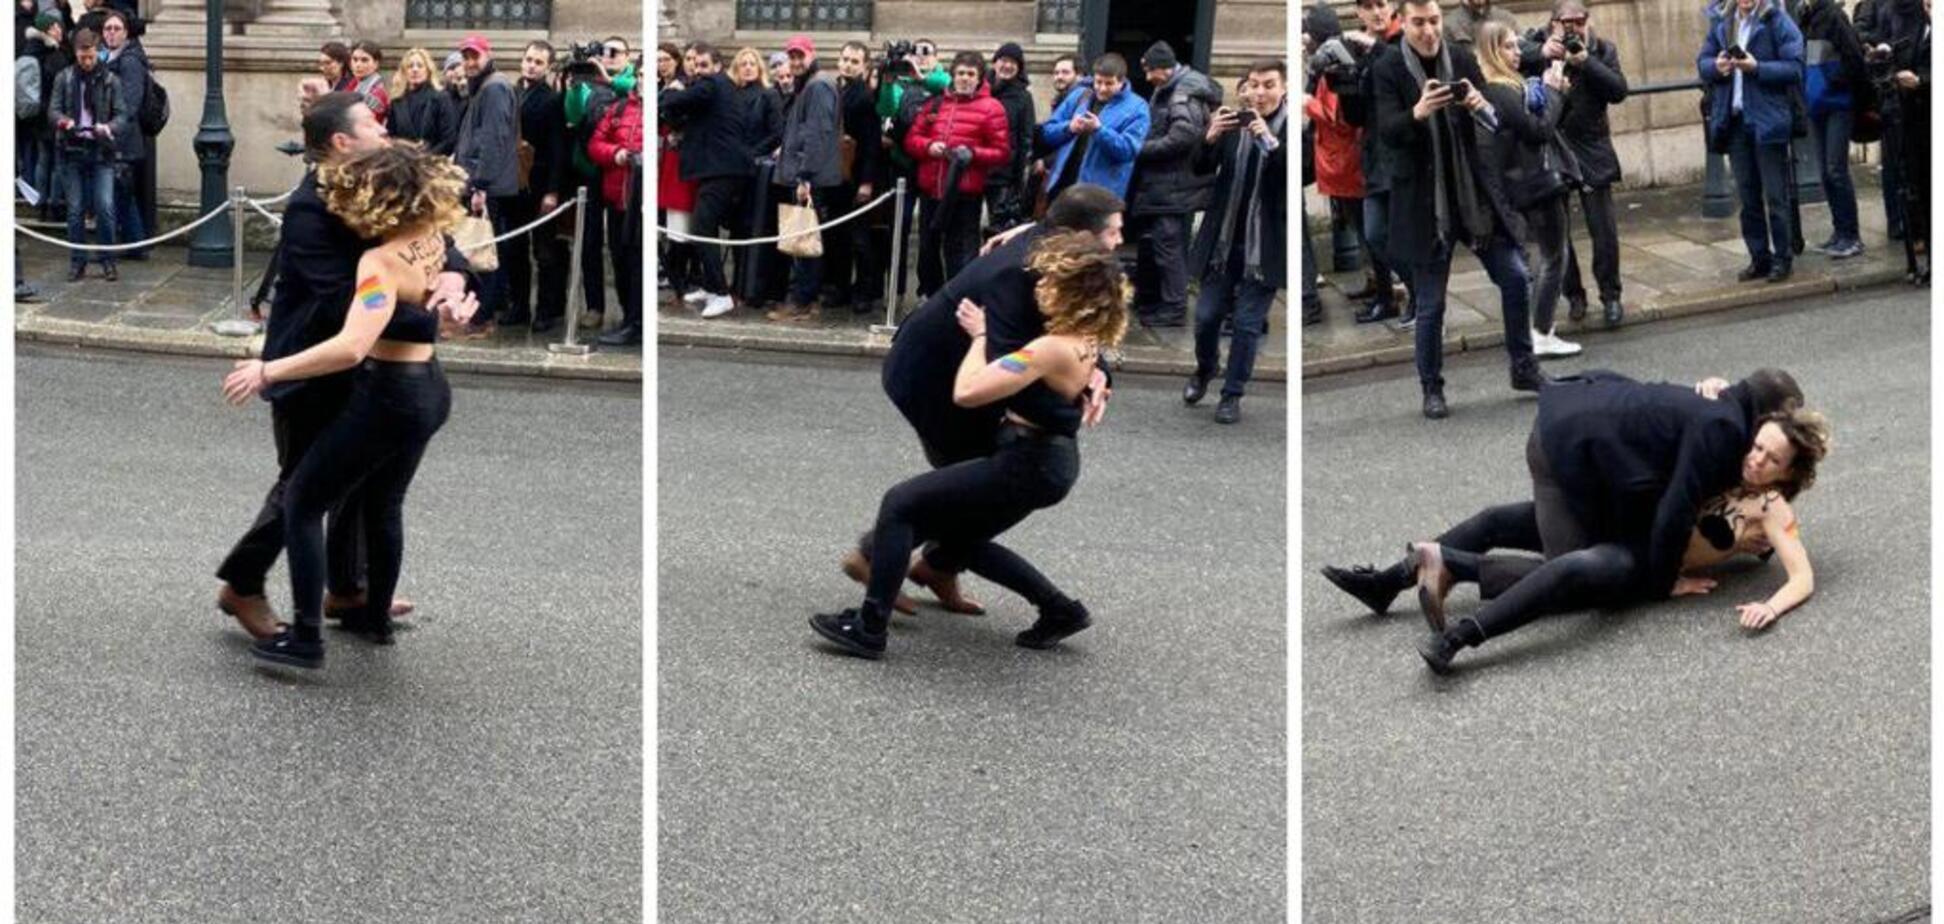 Stop Putin's war! Голые Femen прорвались через полицию в Париже